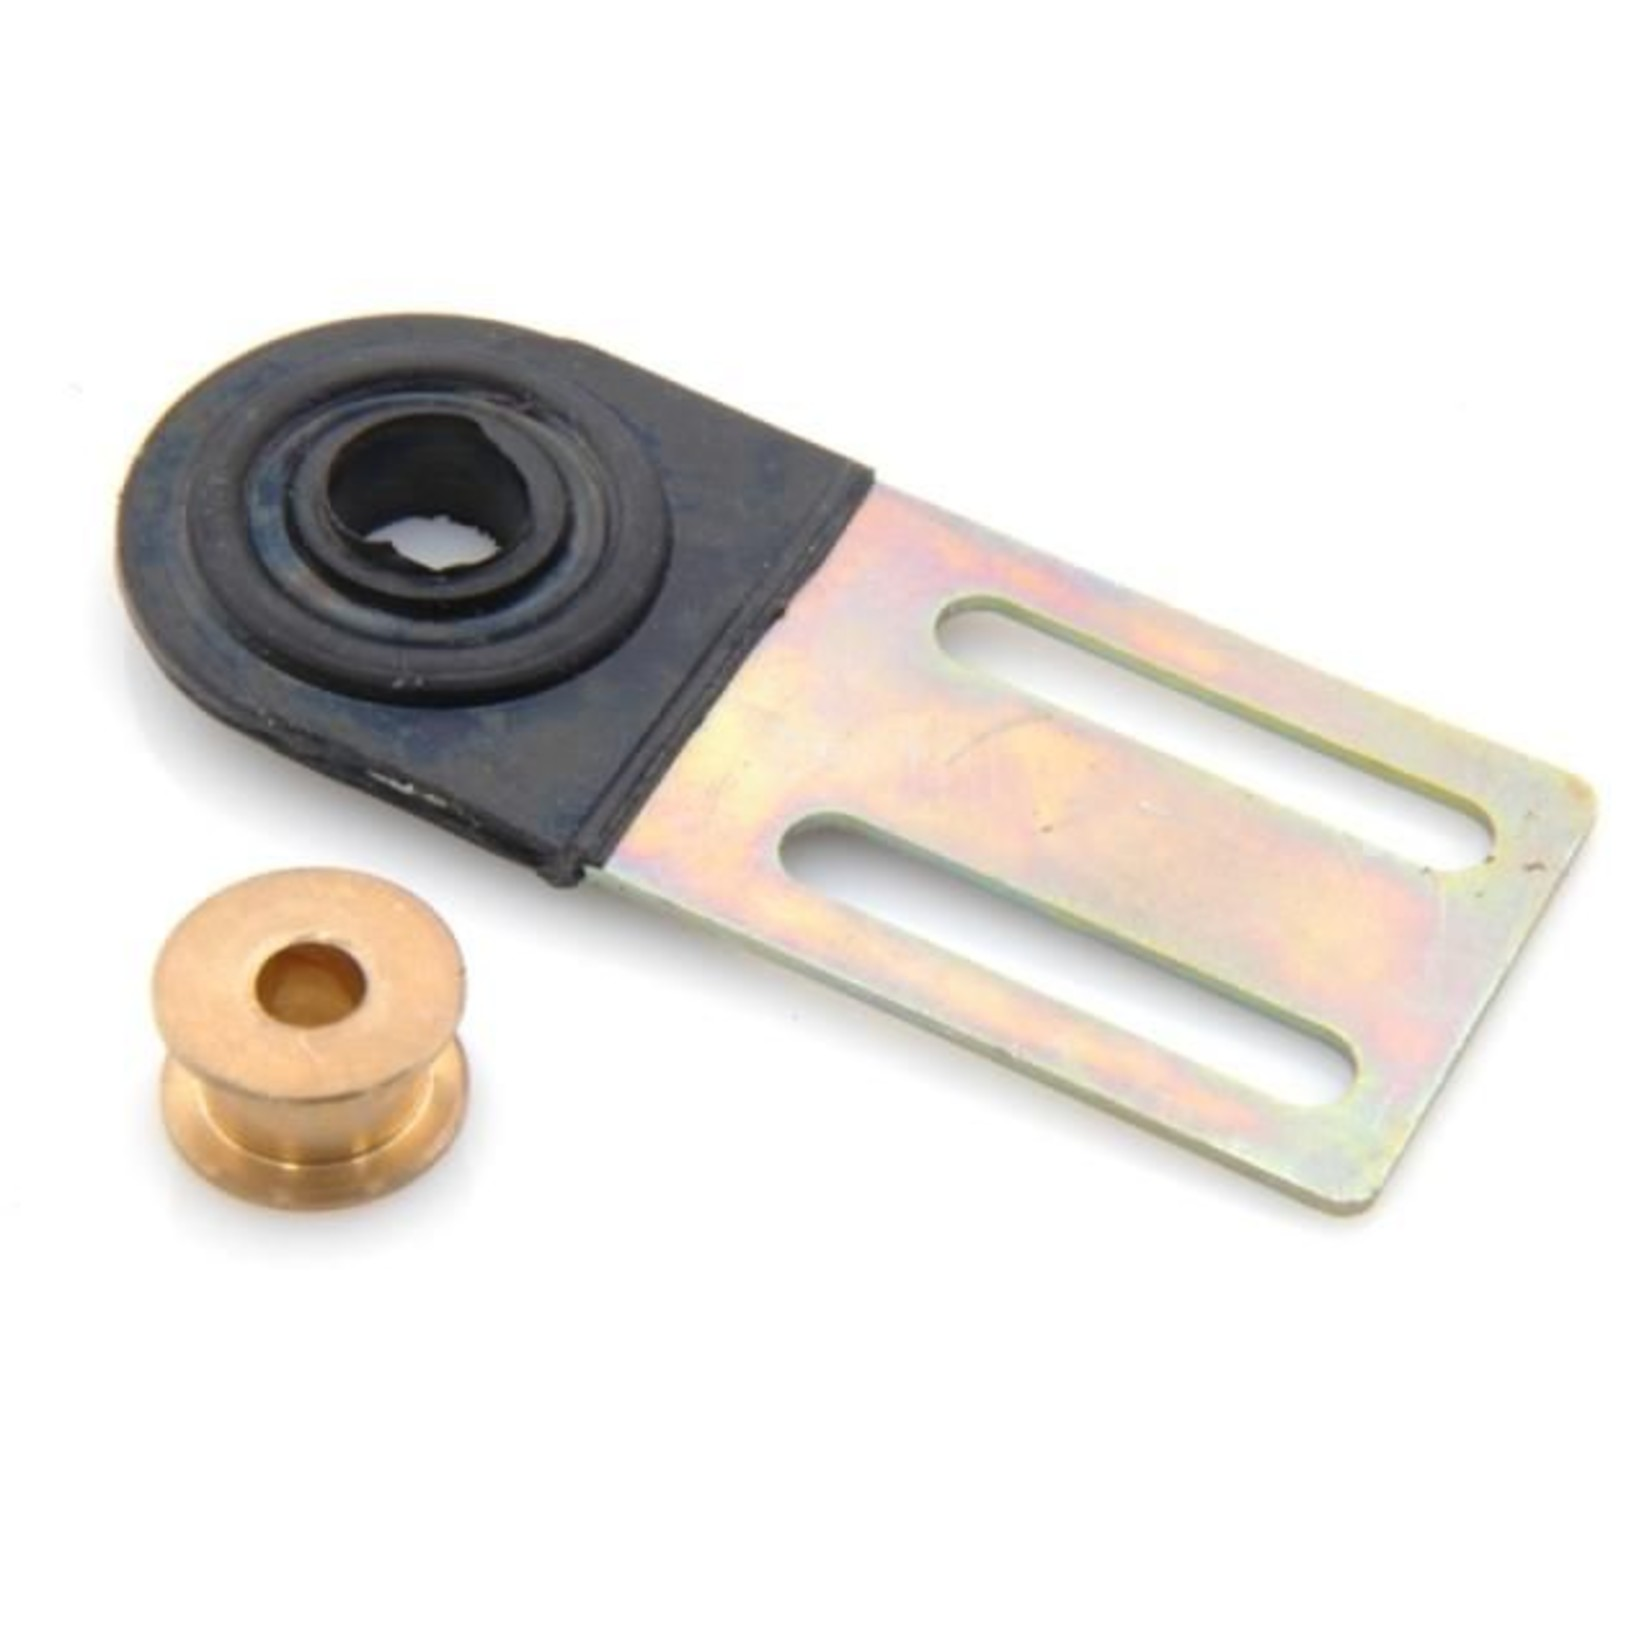 Contraplaca de mando de acelerador 6mm Nr Org: DX142172